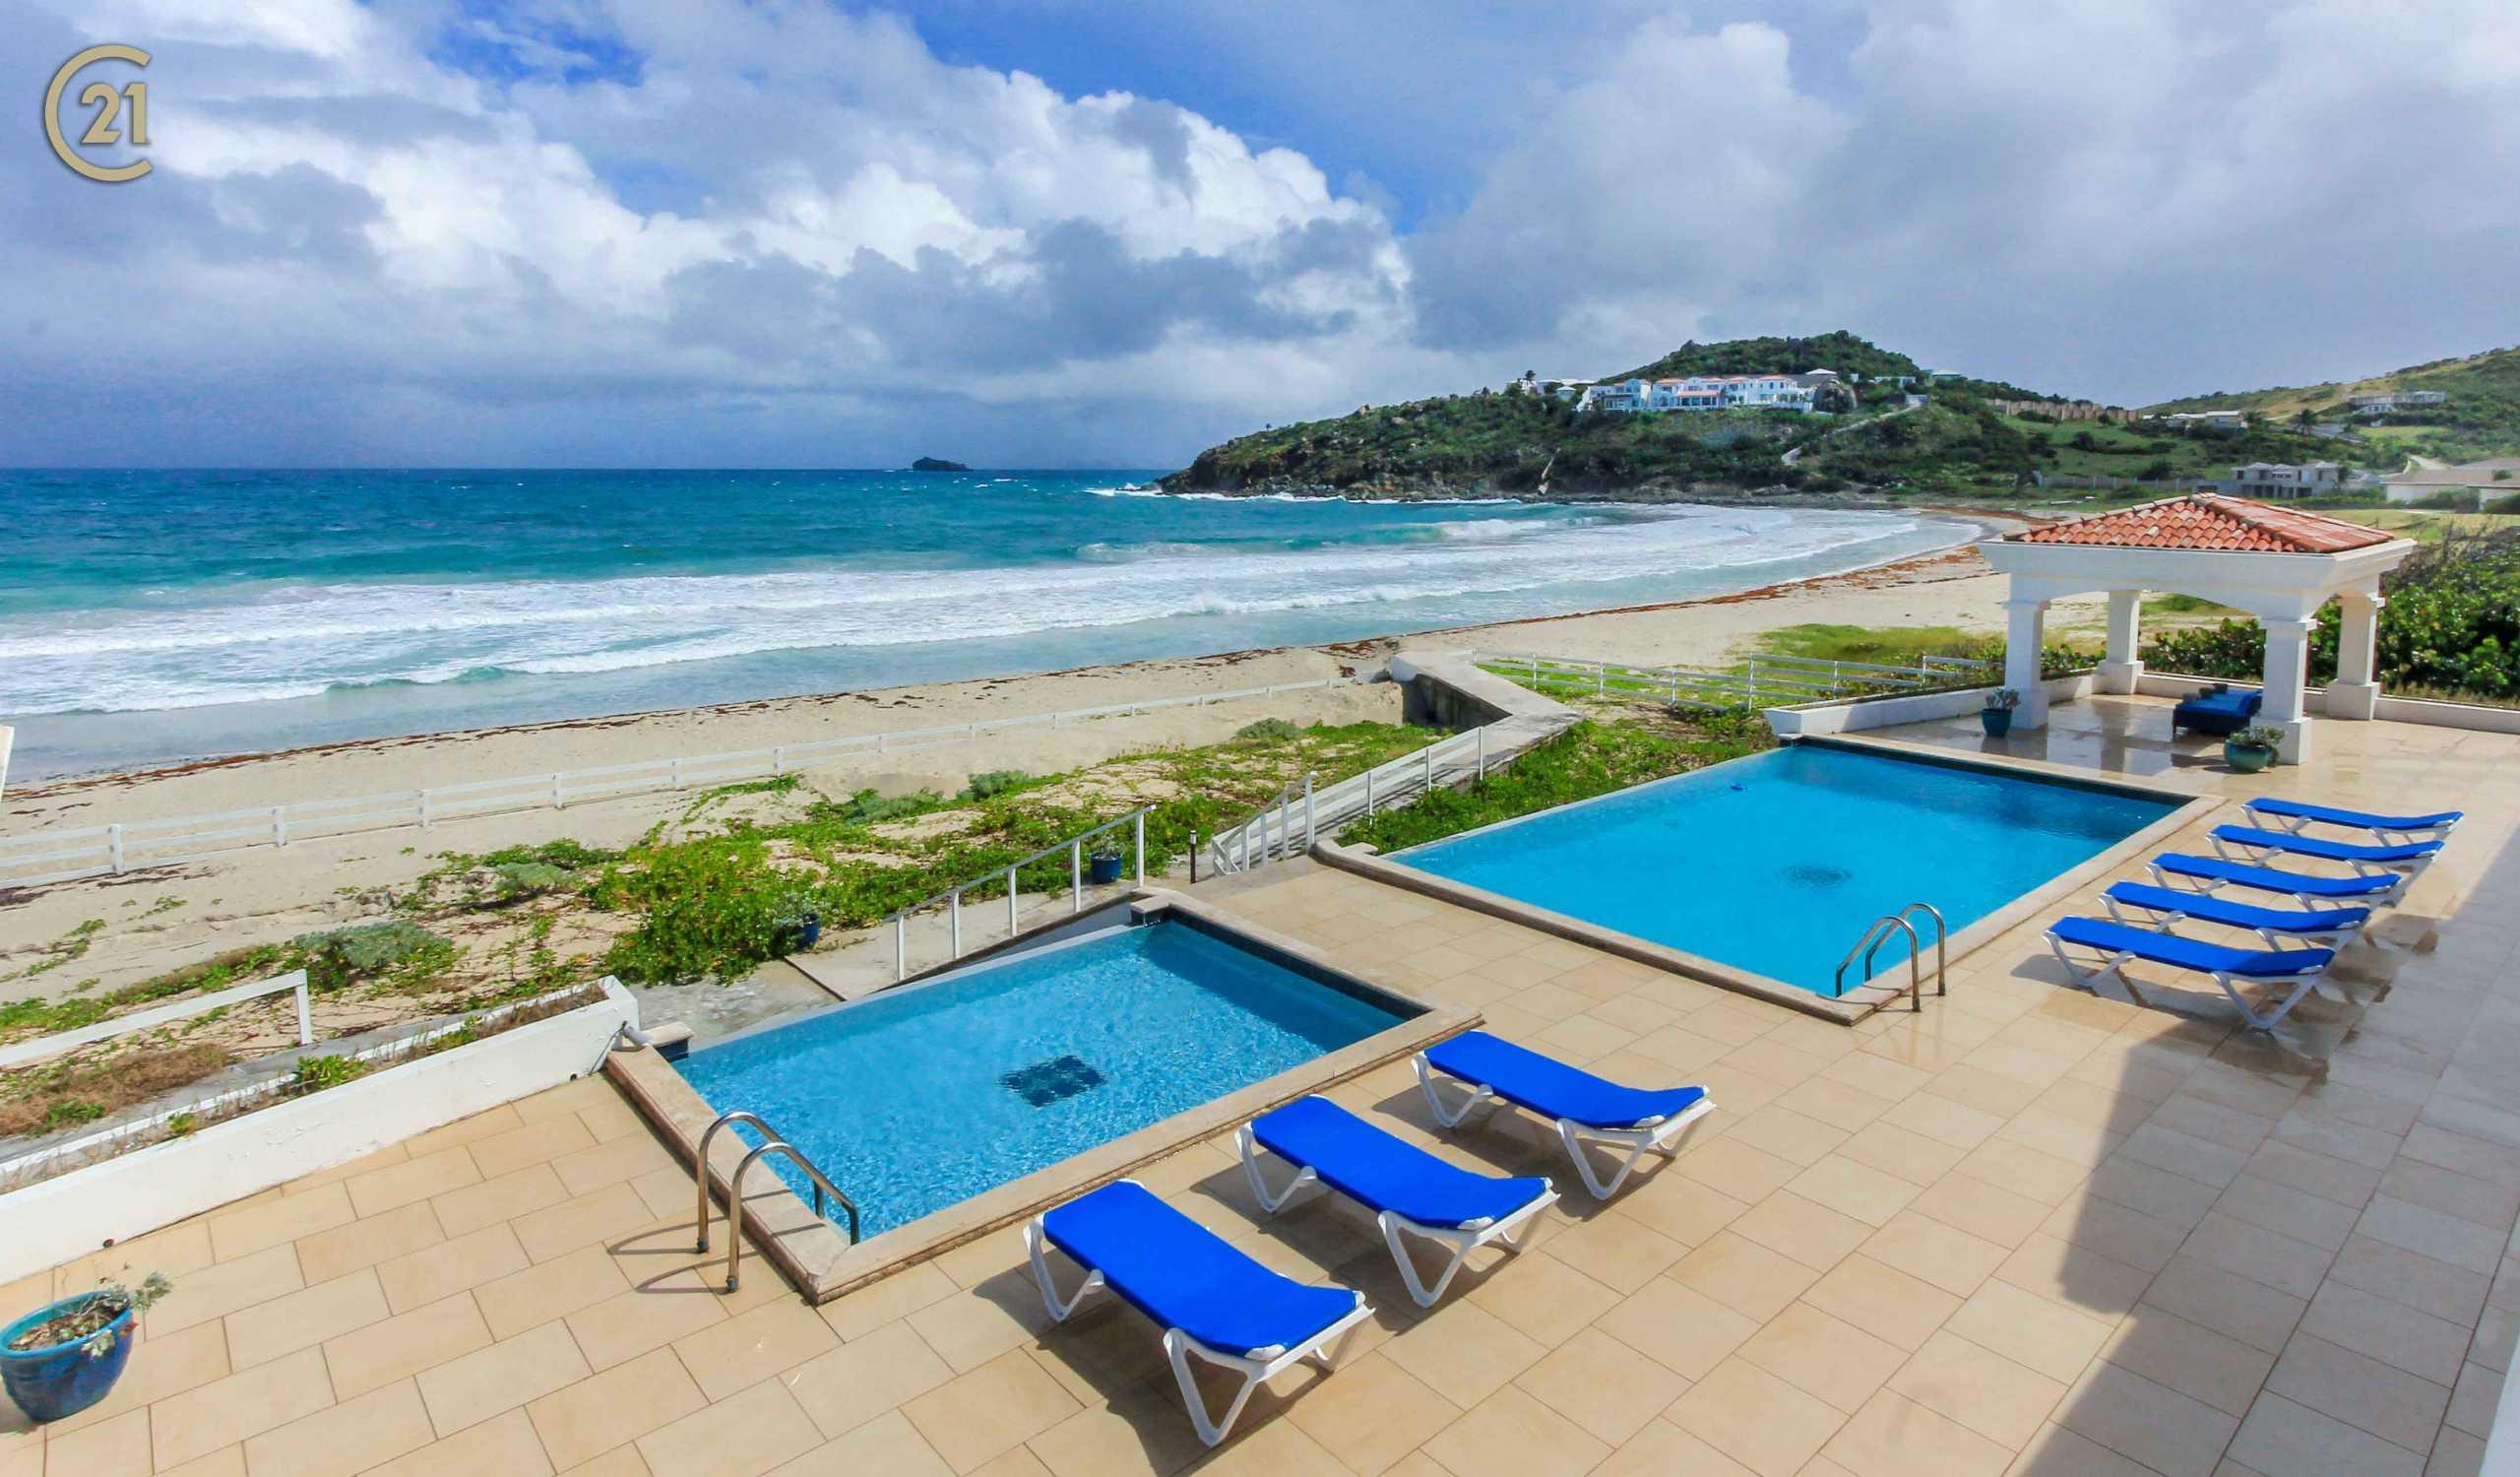 Guana Bay Beach Villa